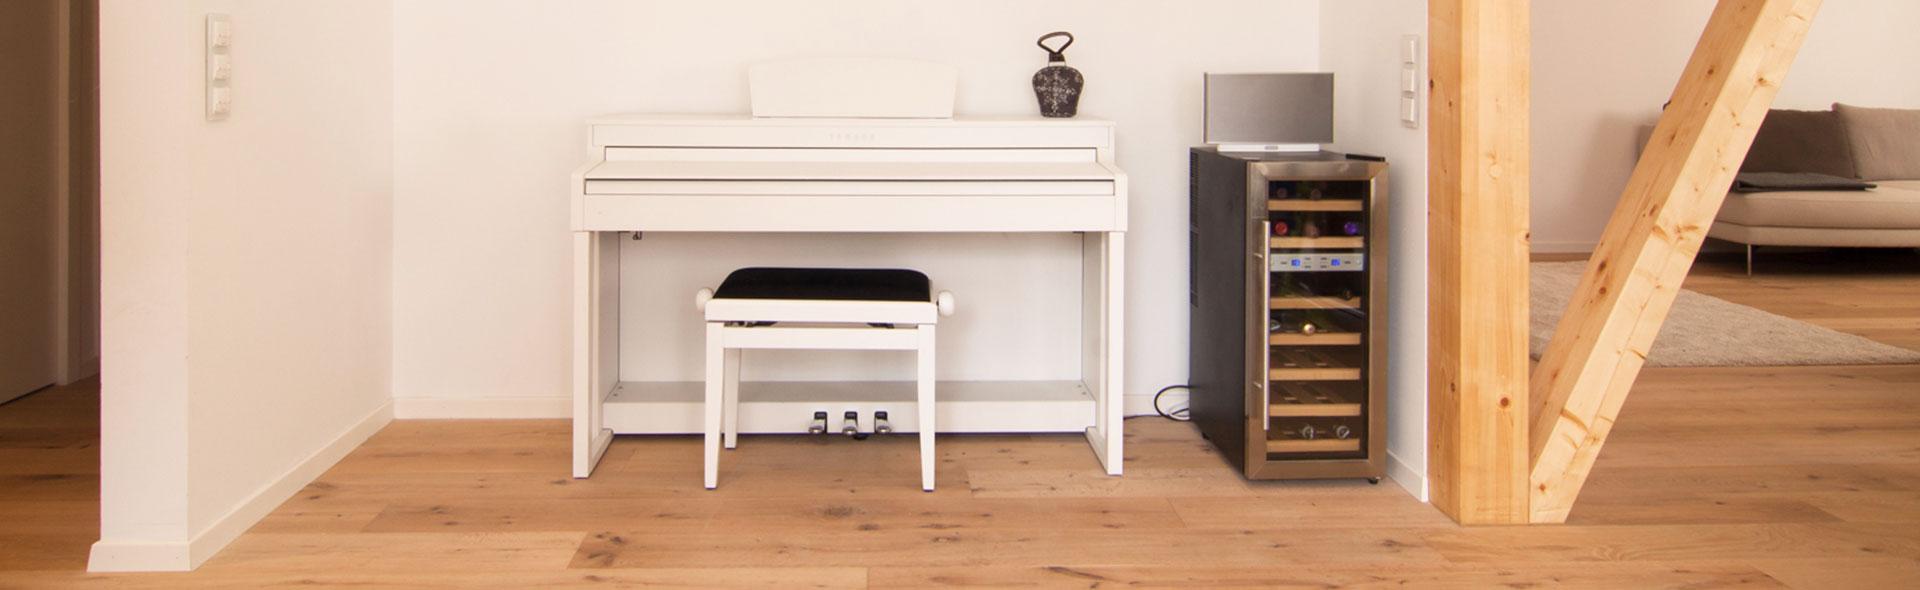 sanierung fellbacher wohnung beck architekten. Black Bedroom Furniture Sets. Home Design Ideas